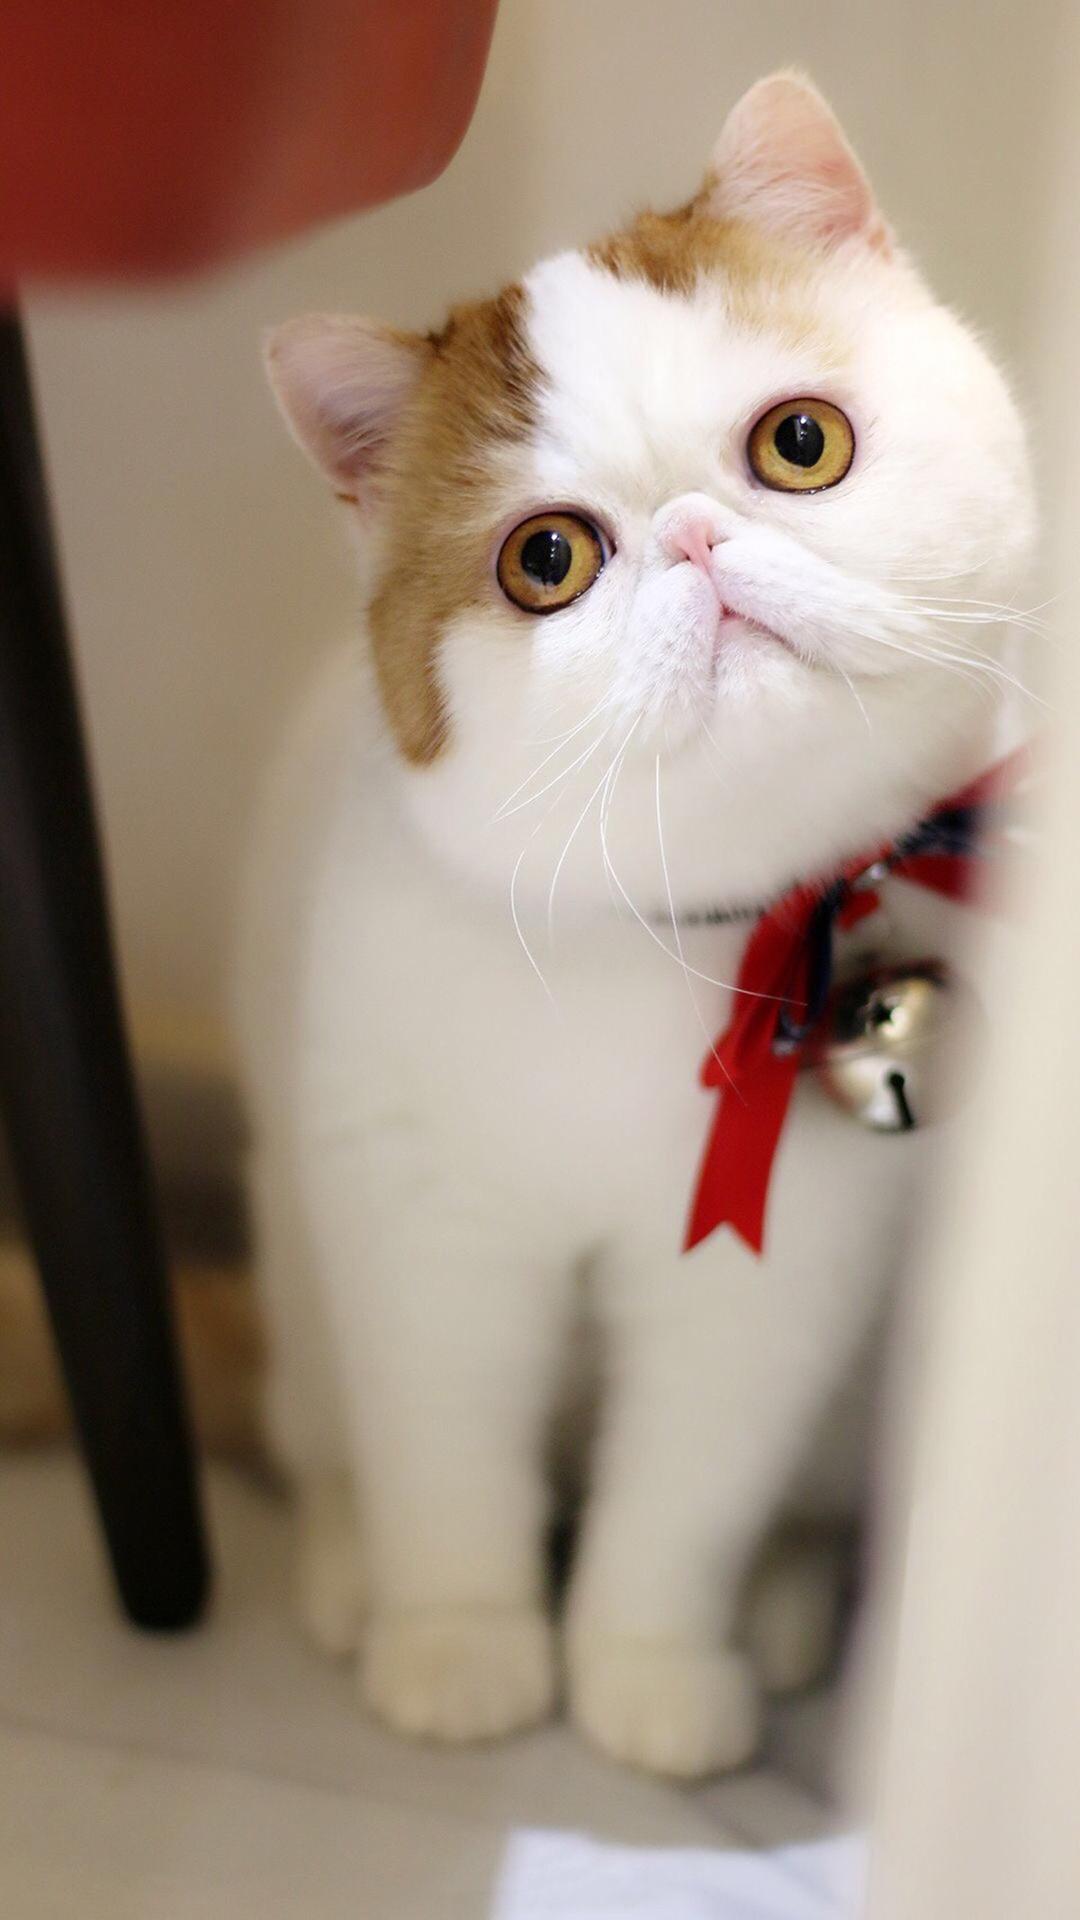 【v粉壁纸】可爱的胖猫咪【9p】